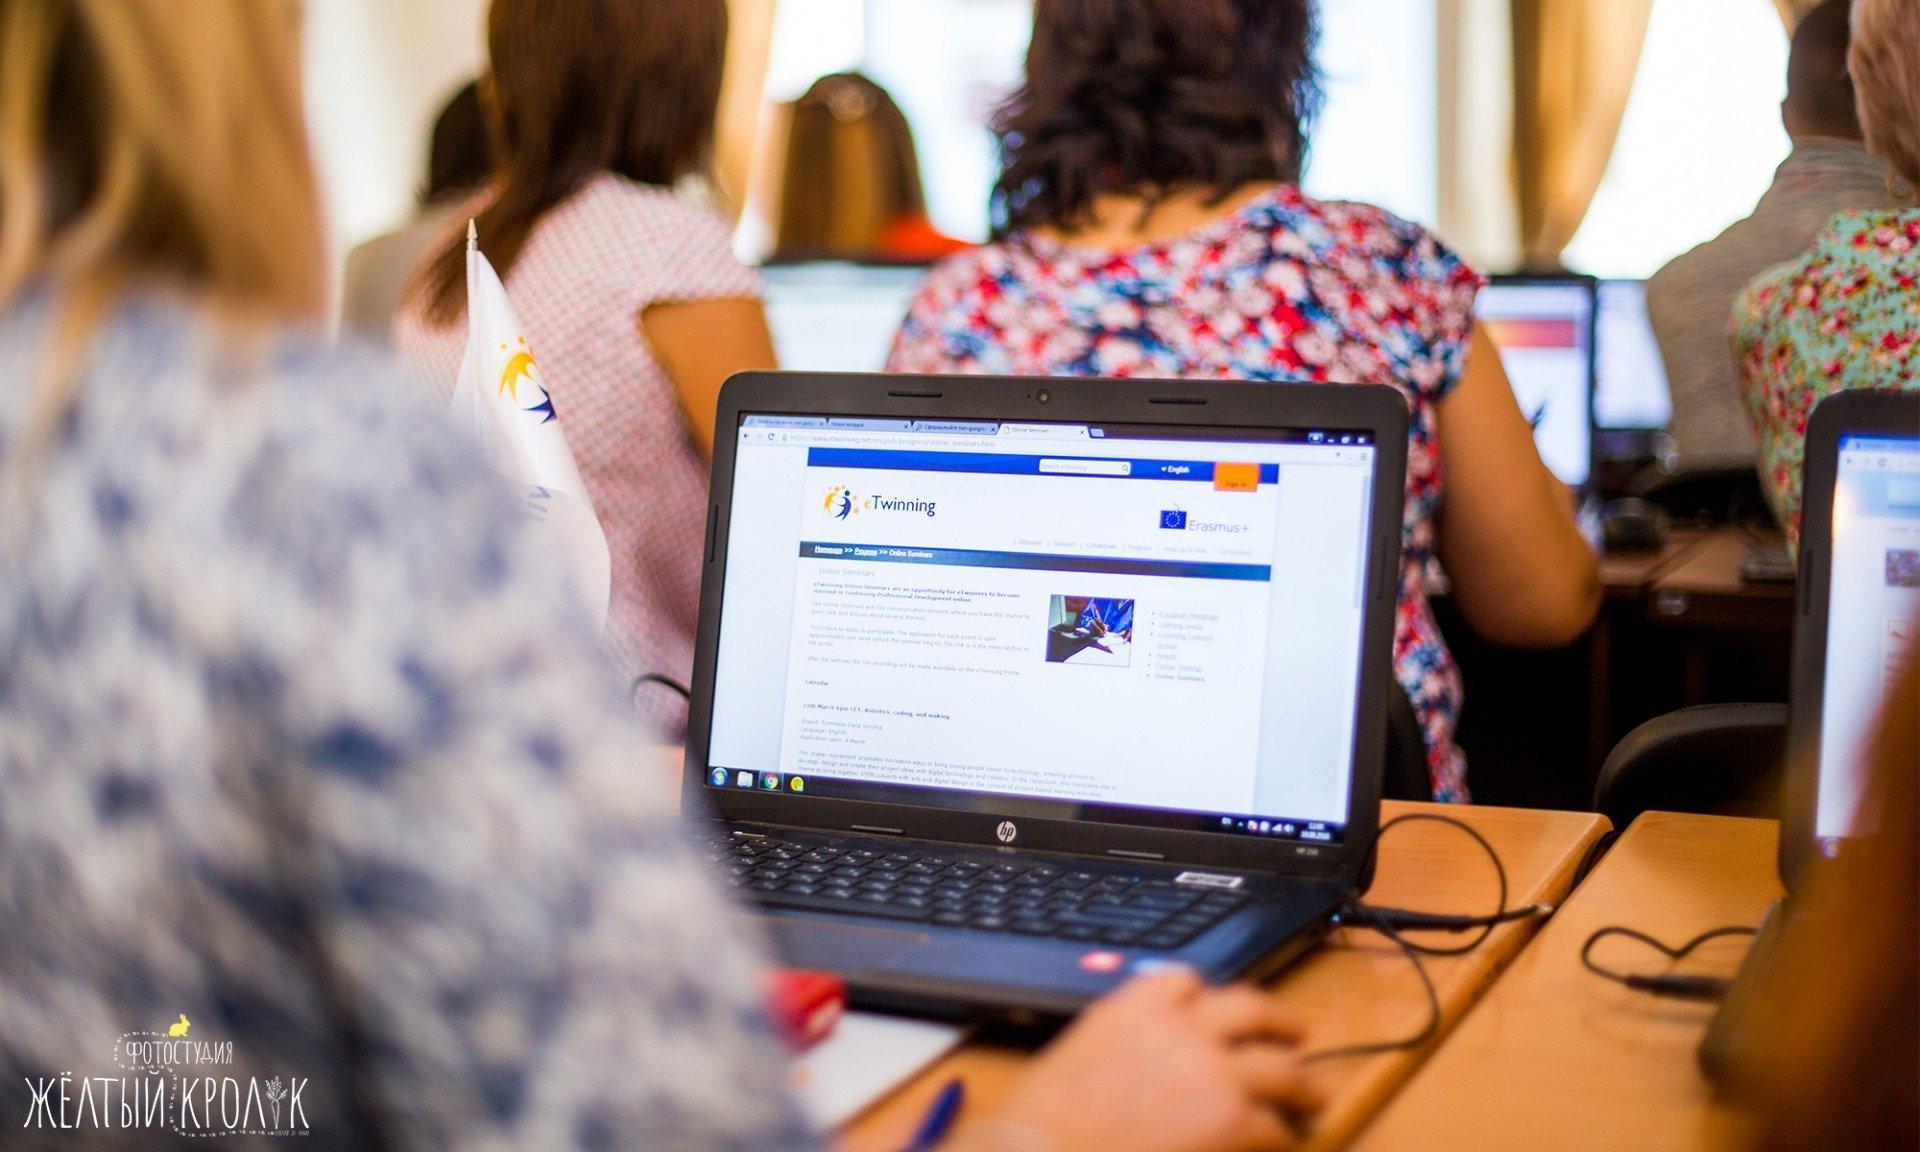 ноутбук на мероприятии фото - репортажная фотосъемка в фотостудии желтый кролик